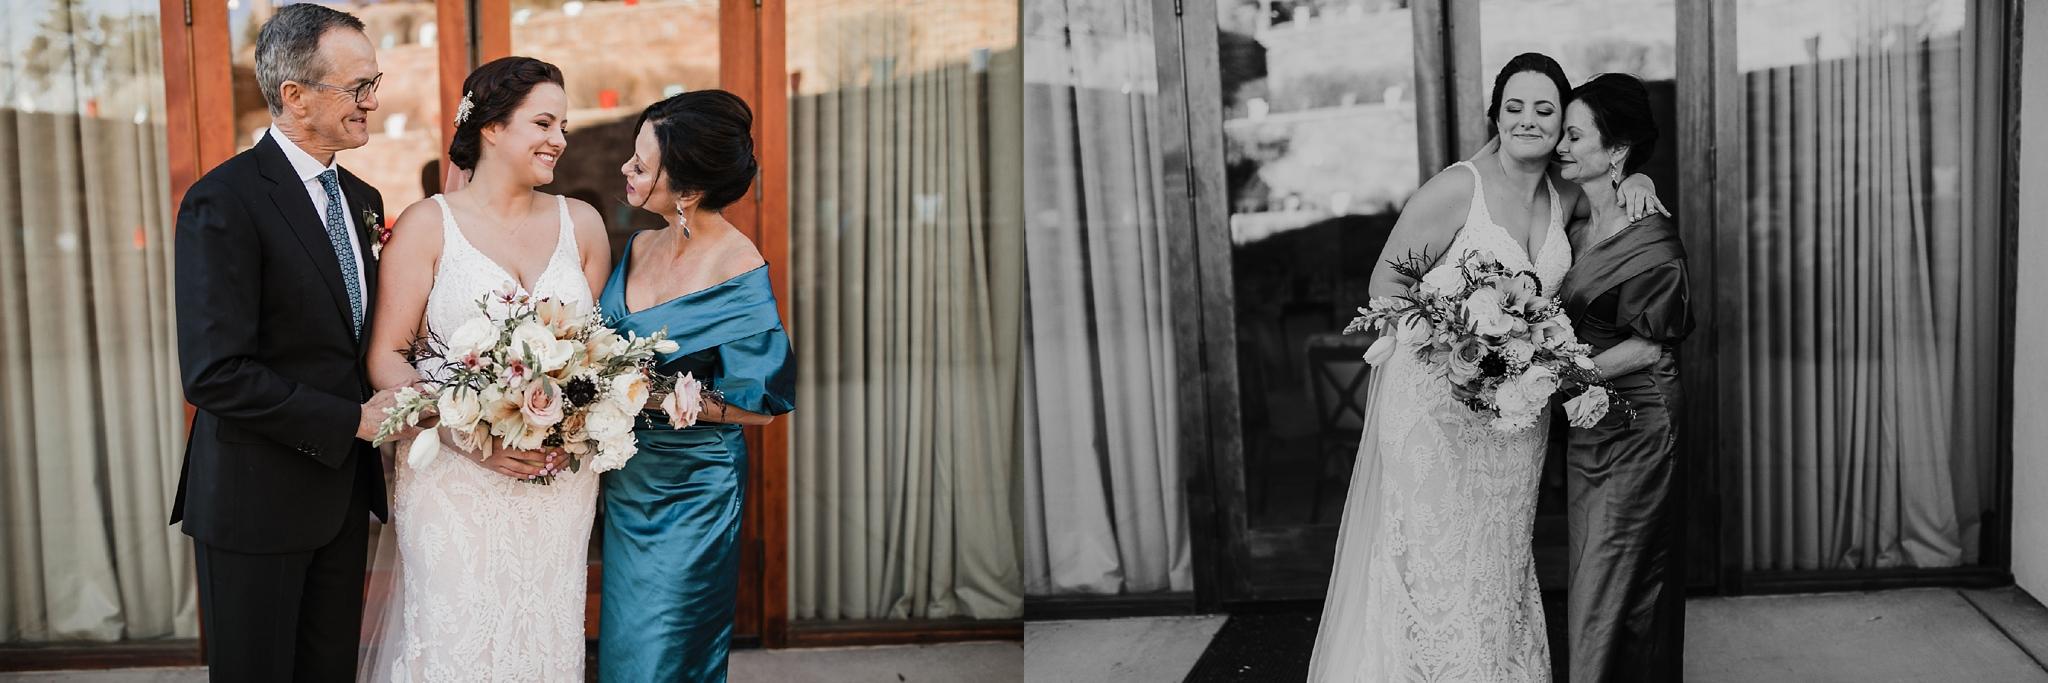 Alicia+lucia+photography+-+albuquerque+wedding+photographer+-+santa+fe+wedding+photography+-+new+mexico+wedding+photographer+-+new+mexico+wedding+-+santa+fe+wedding+-+four+seasons+wedding+-+winter+wedding_0081.jpg